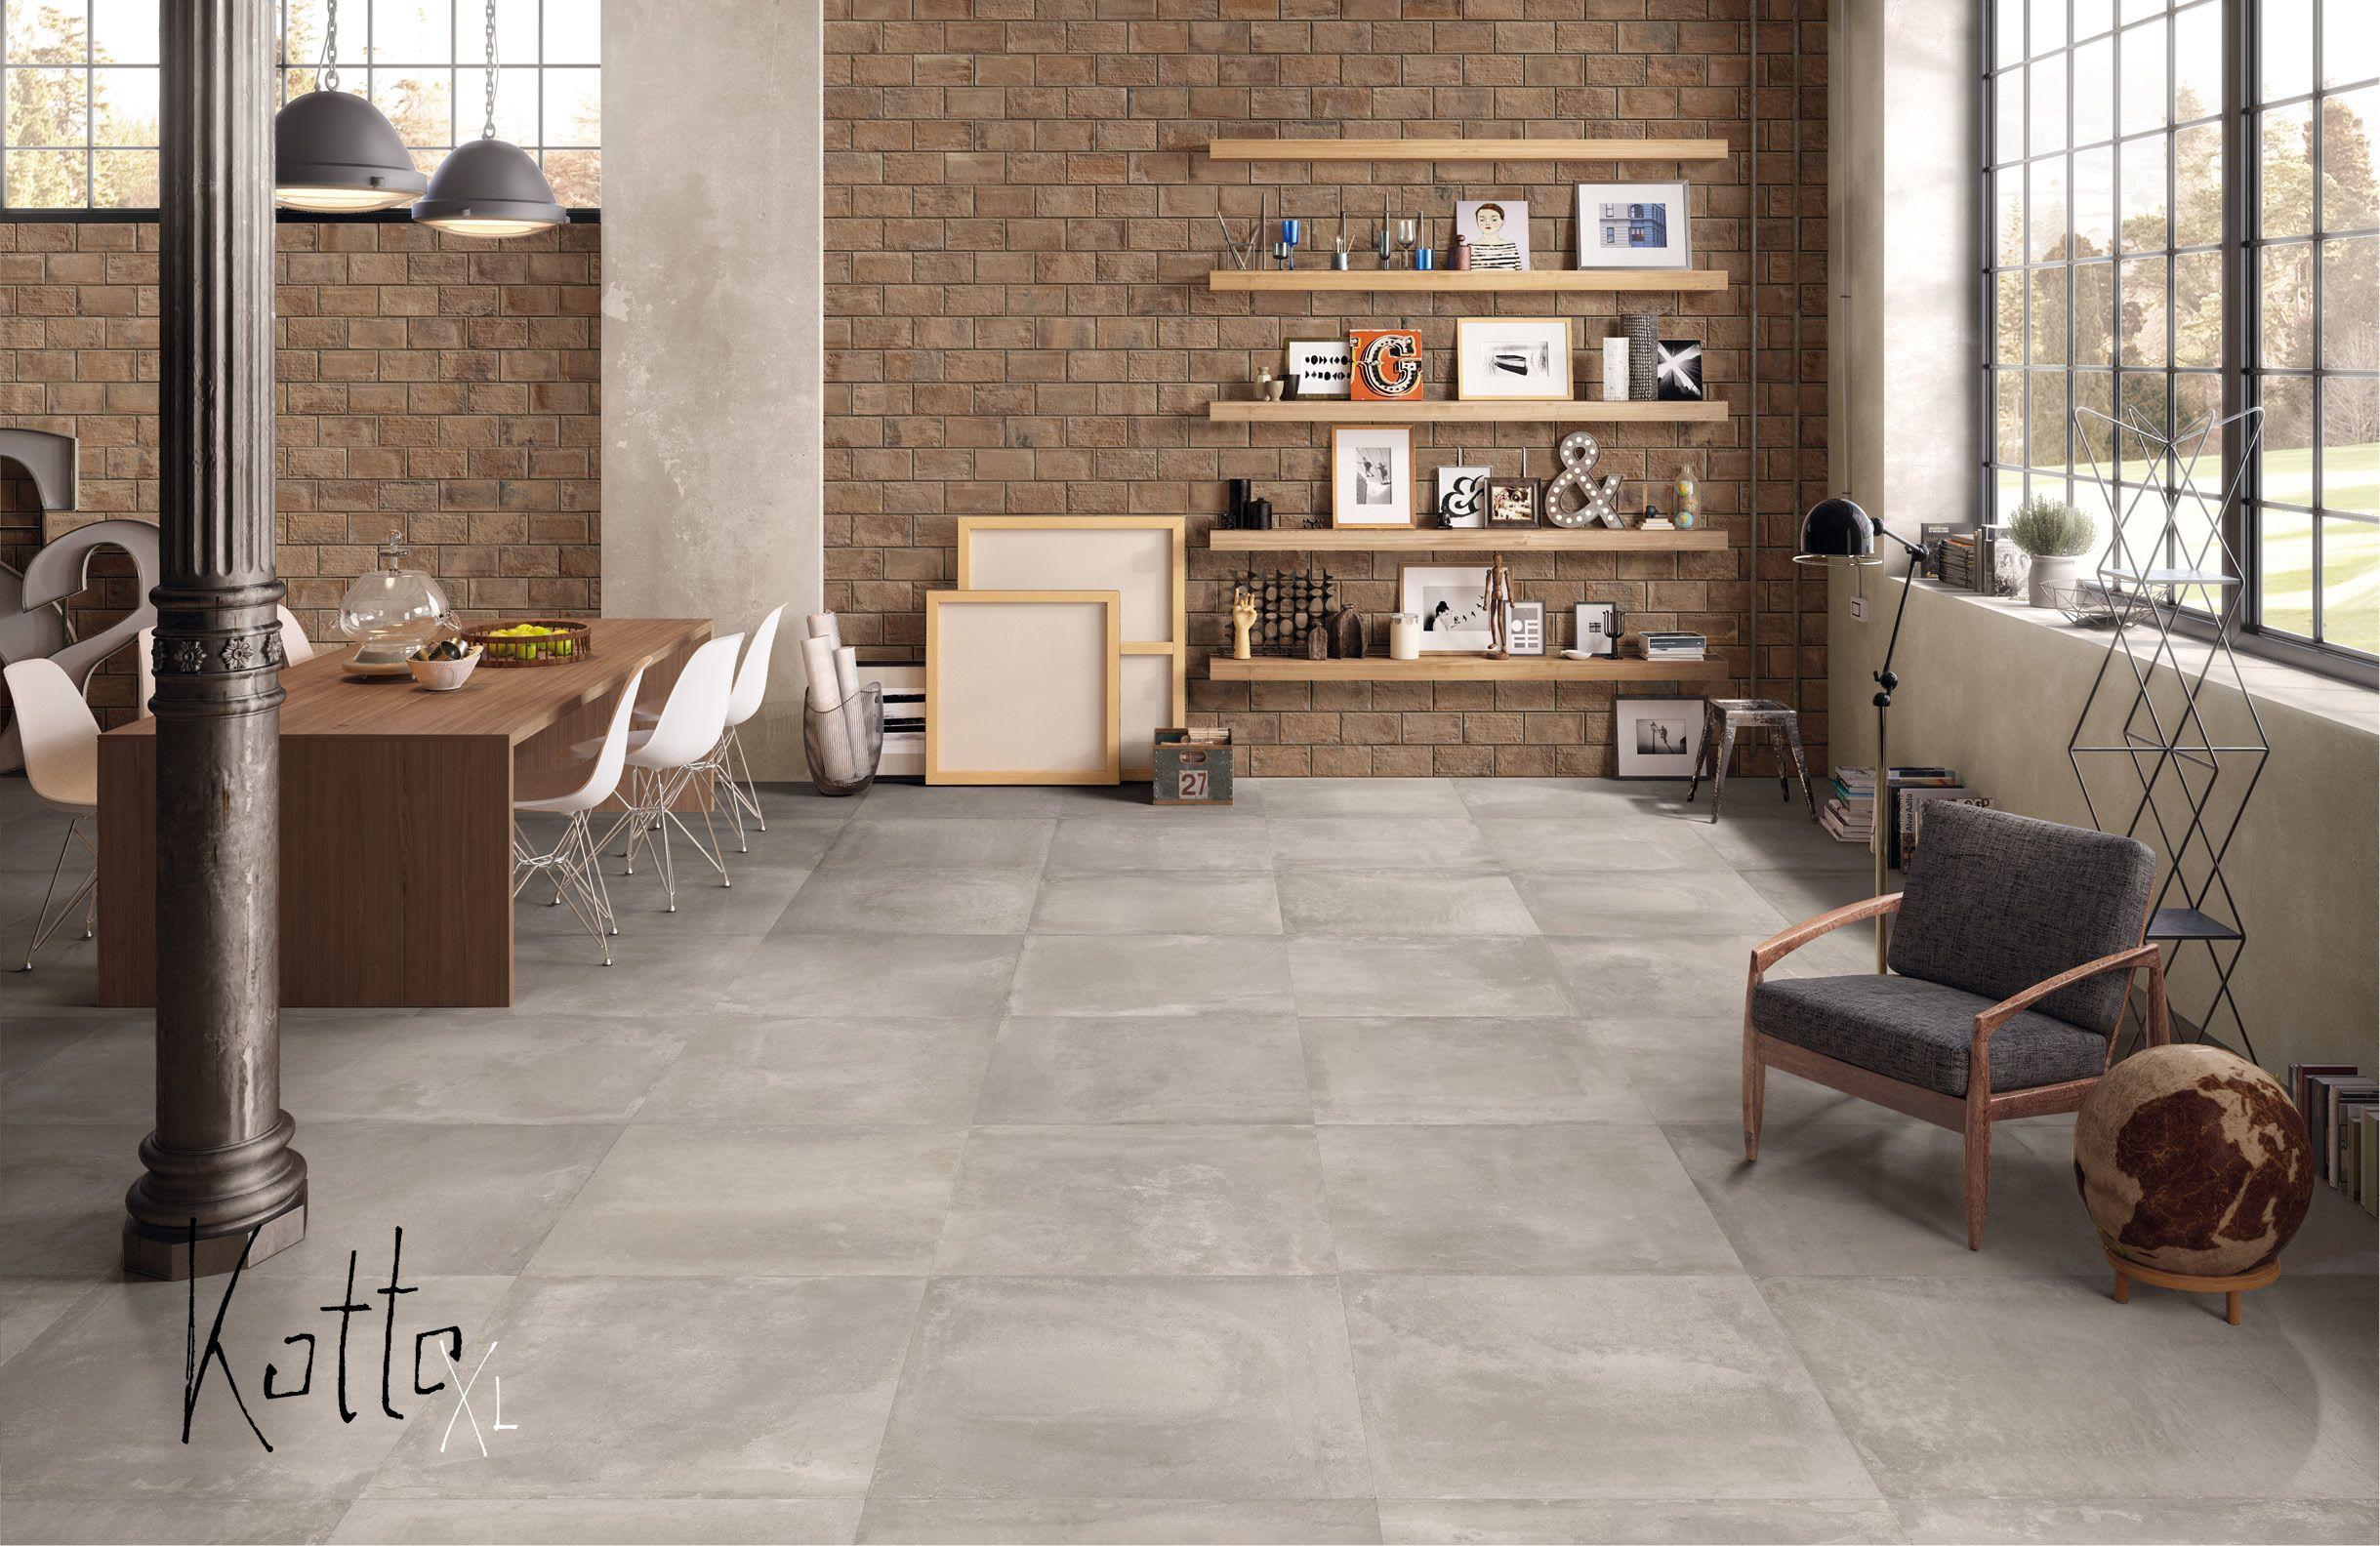 Tolle Farbnuancen am Boden kombiniert mit Naturstein Bricks an der Wand FLiesen mit Naturstein